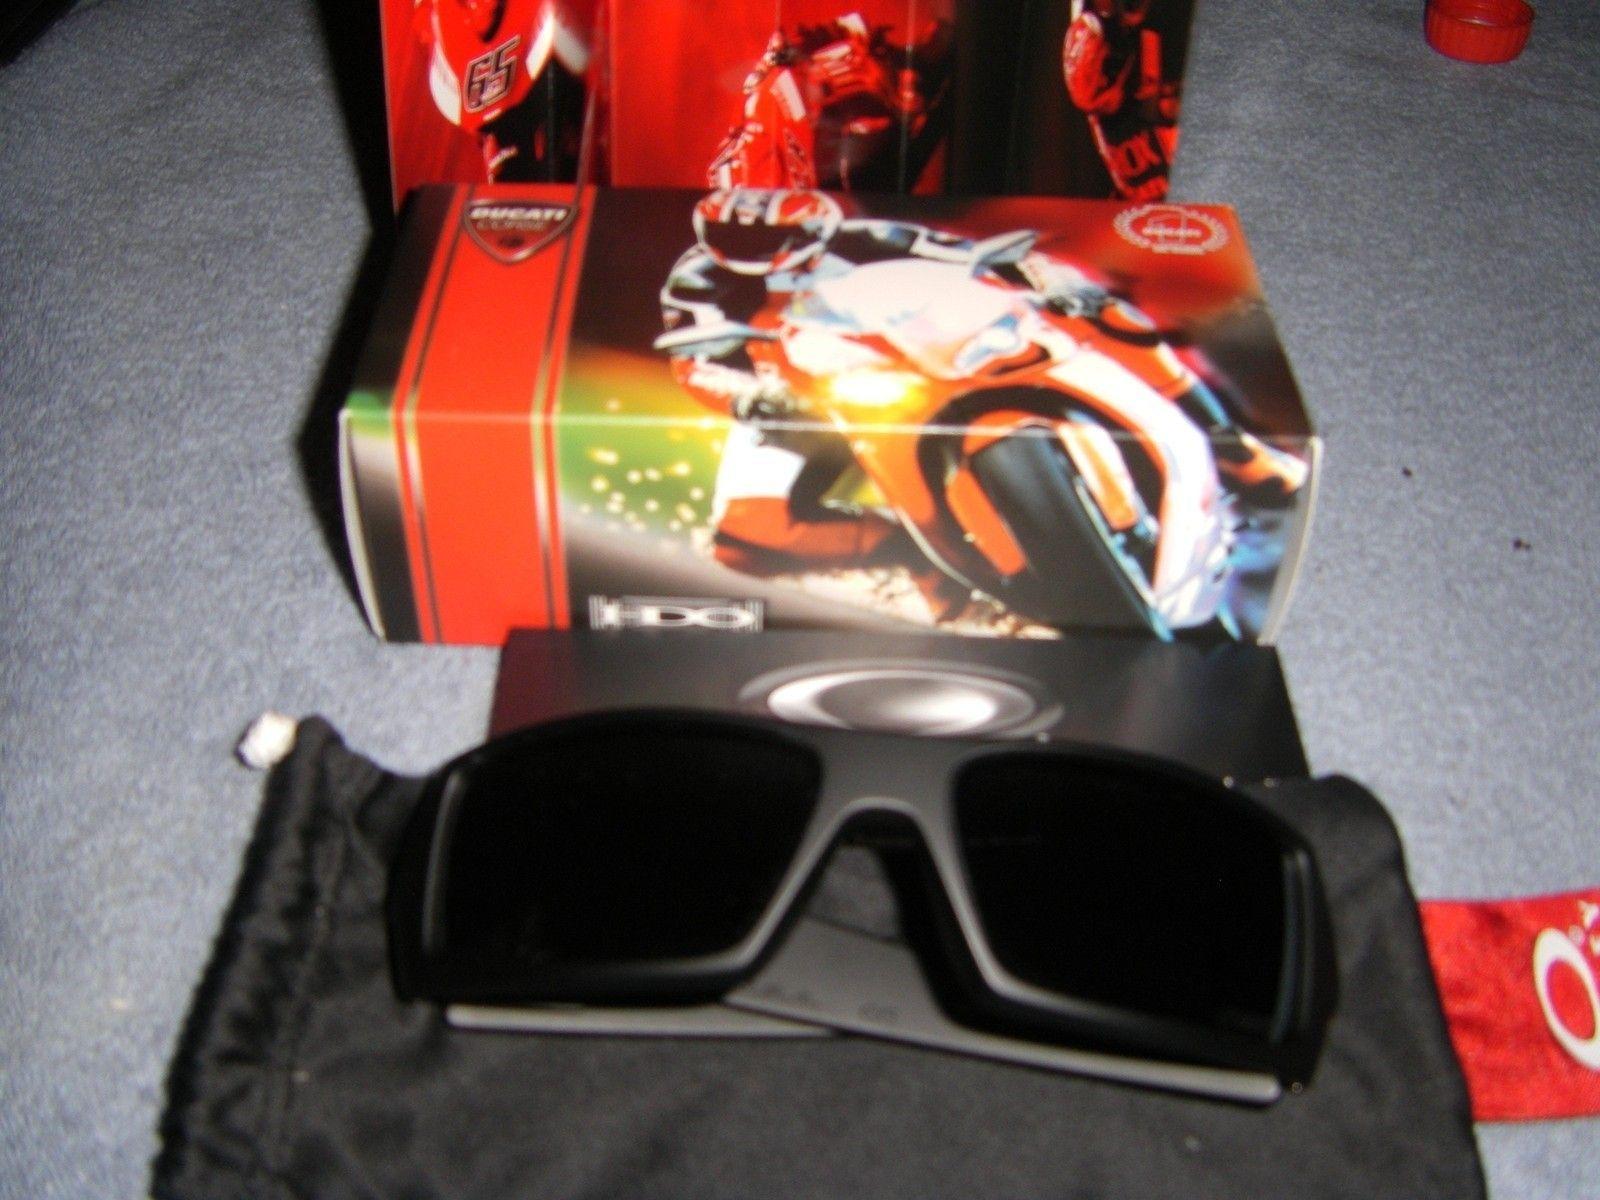 New Ducati Gascans! - ls8x.jpg